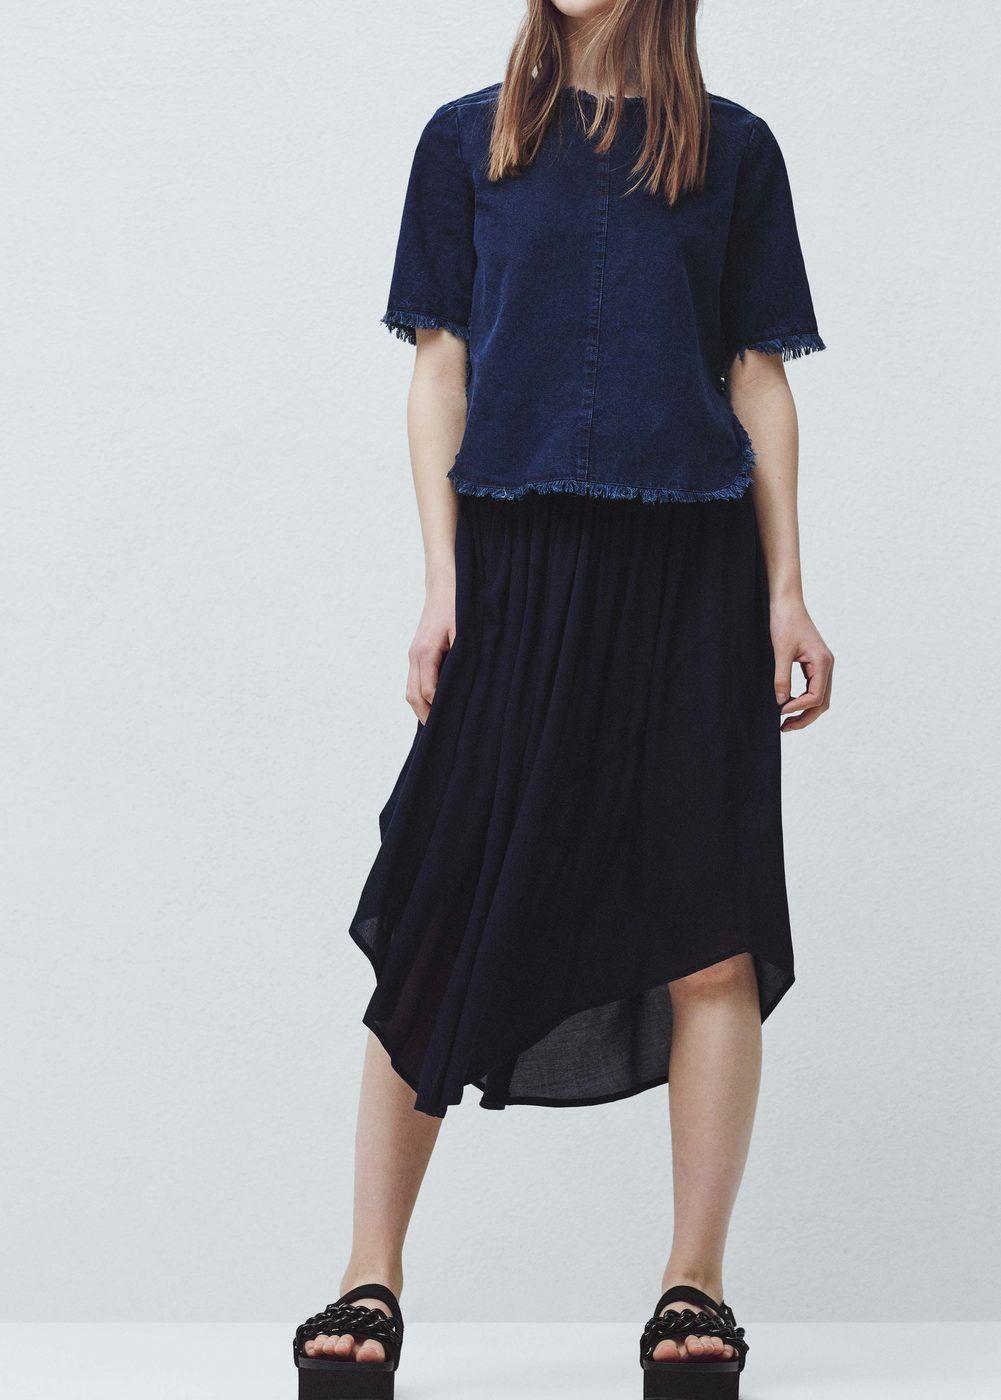 Струящаяся юбка -  Женская | MANGO МАНГО Россия (Российская Федерация)